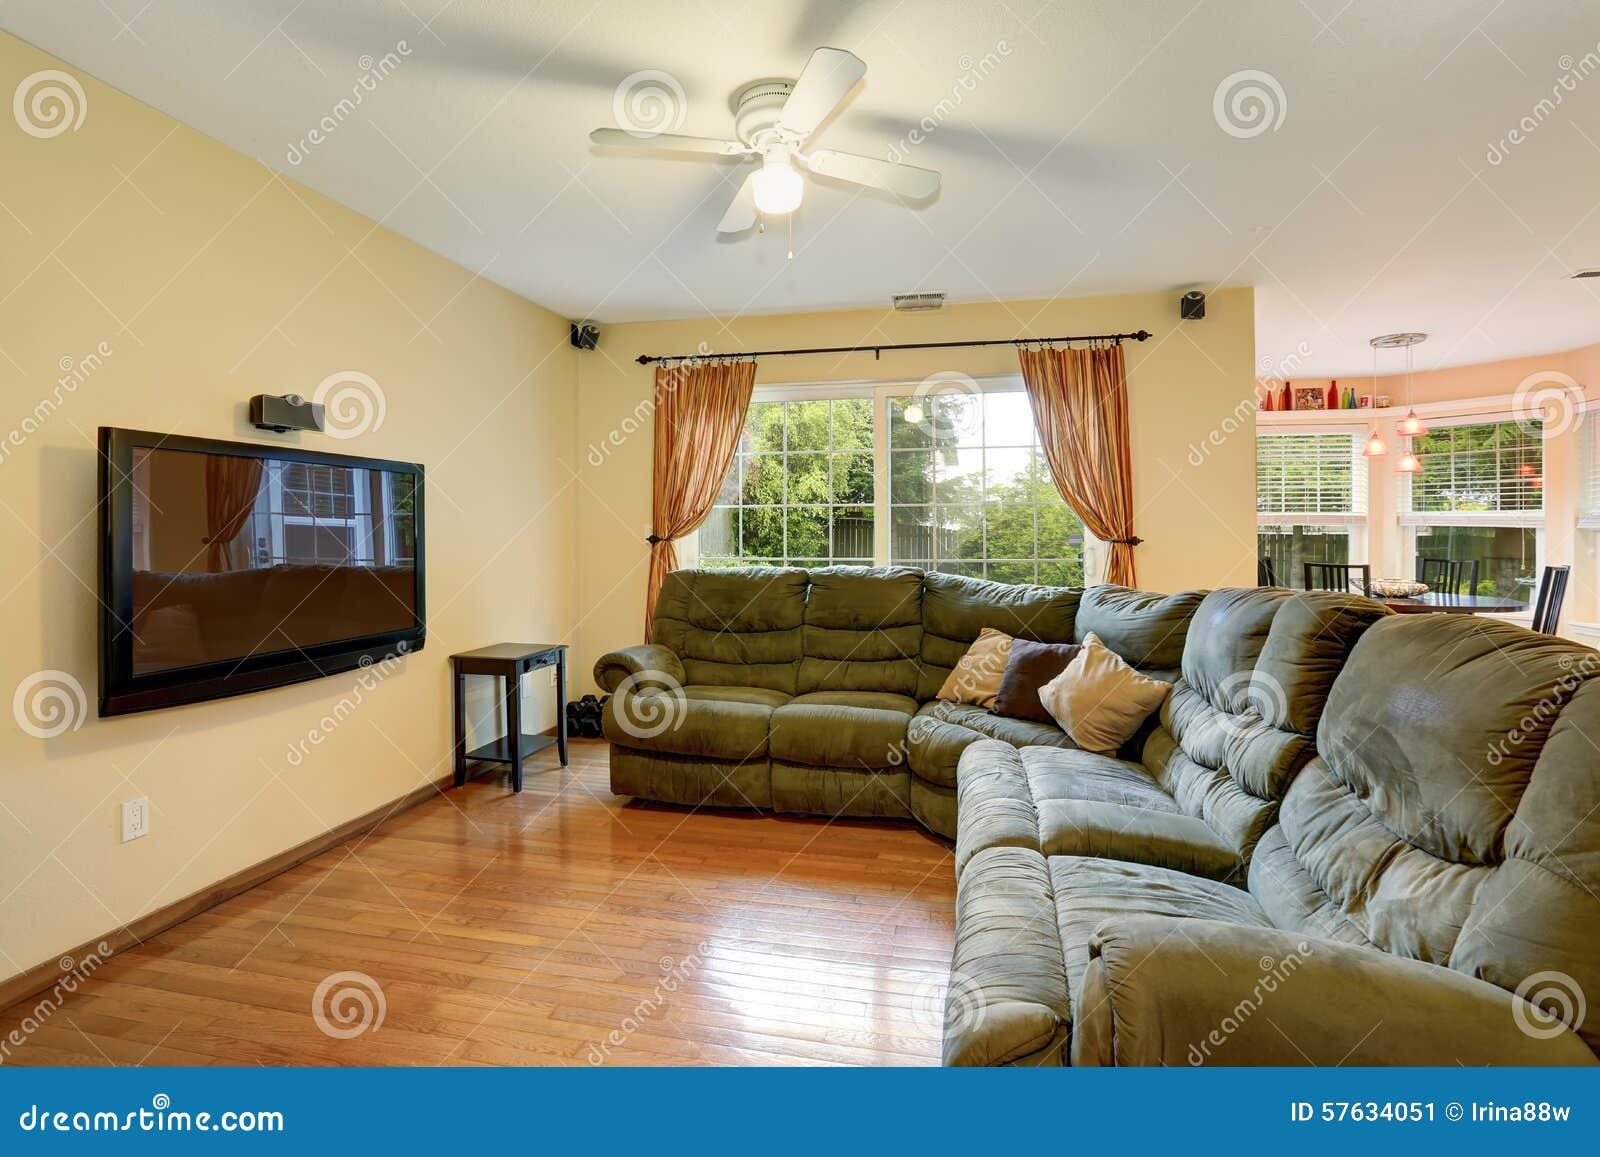 Einfaches Wohnzimmer Mit Grünem Sofa Und Ein Fernsehen Stockbild ...